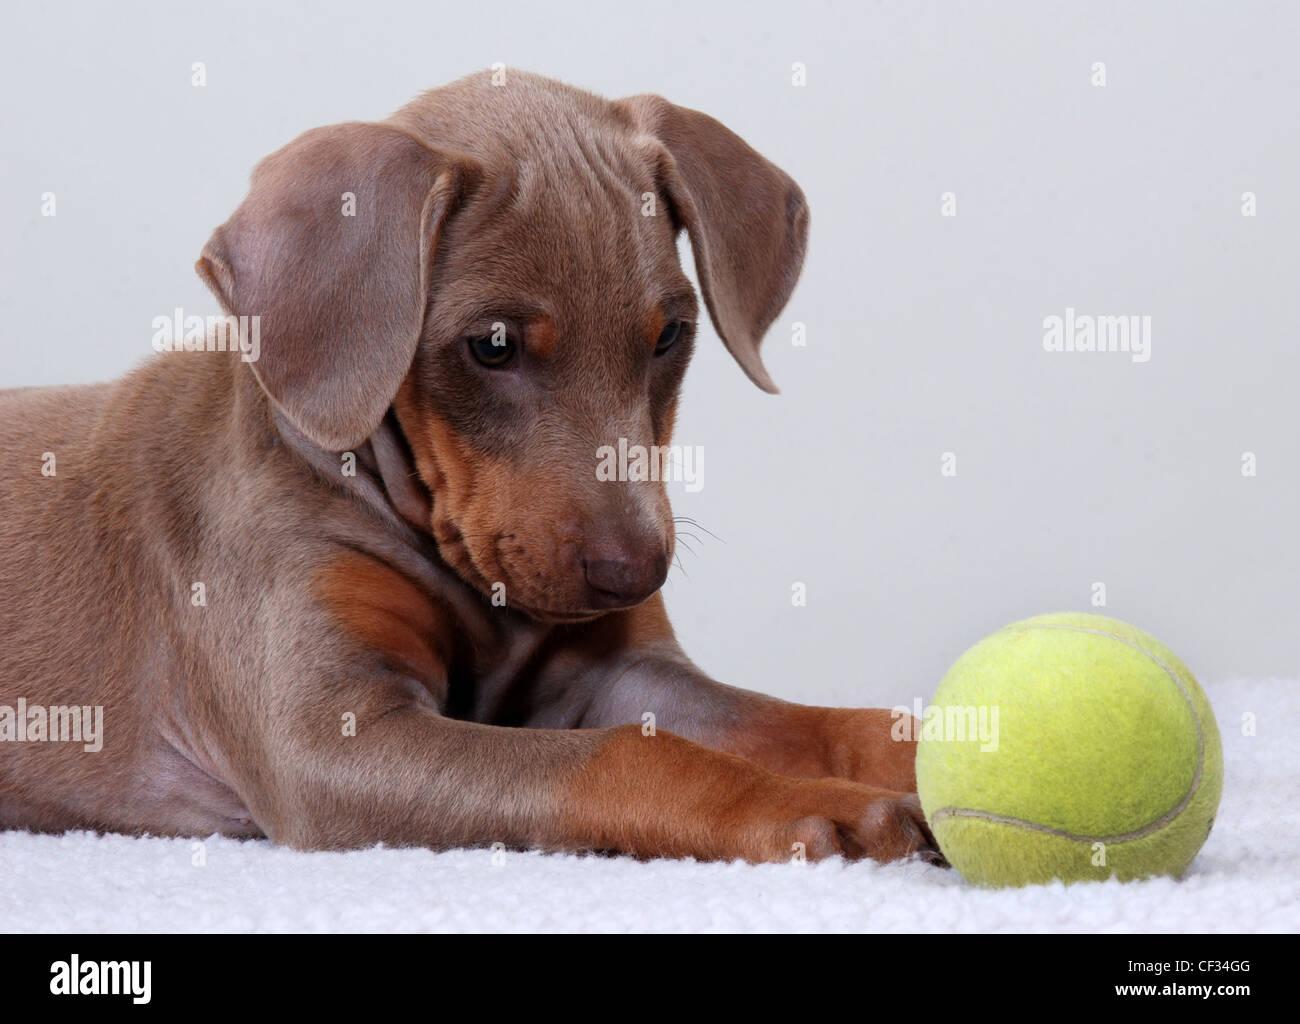 Doberman Pinscher puppy staring at a tennis ball. - Stock Image